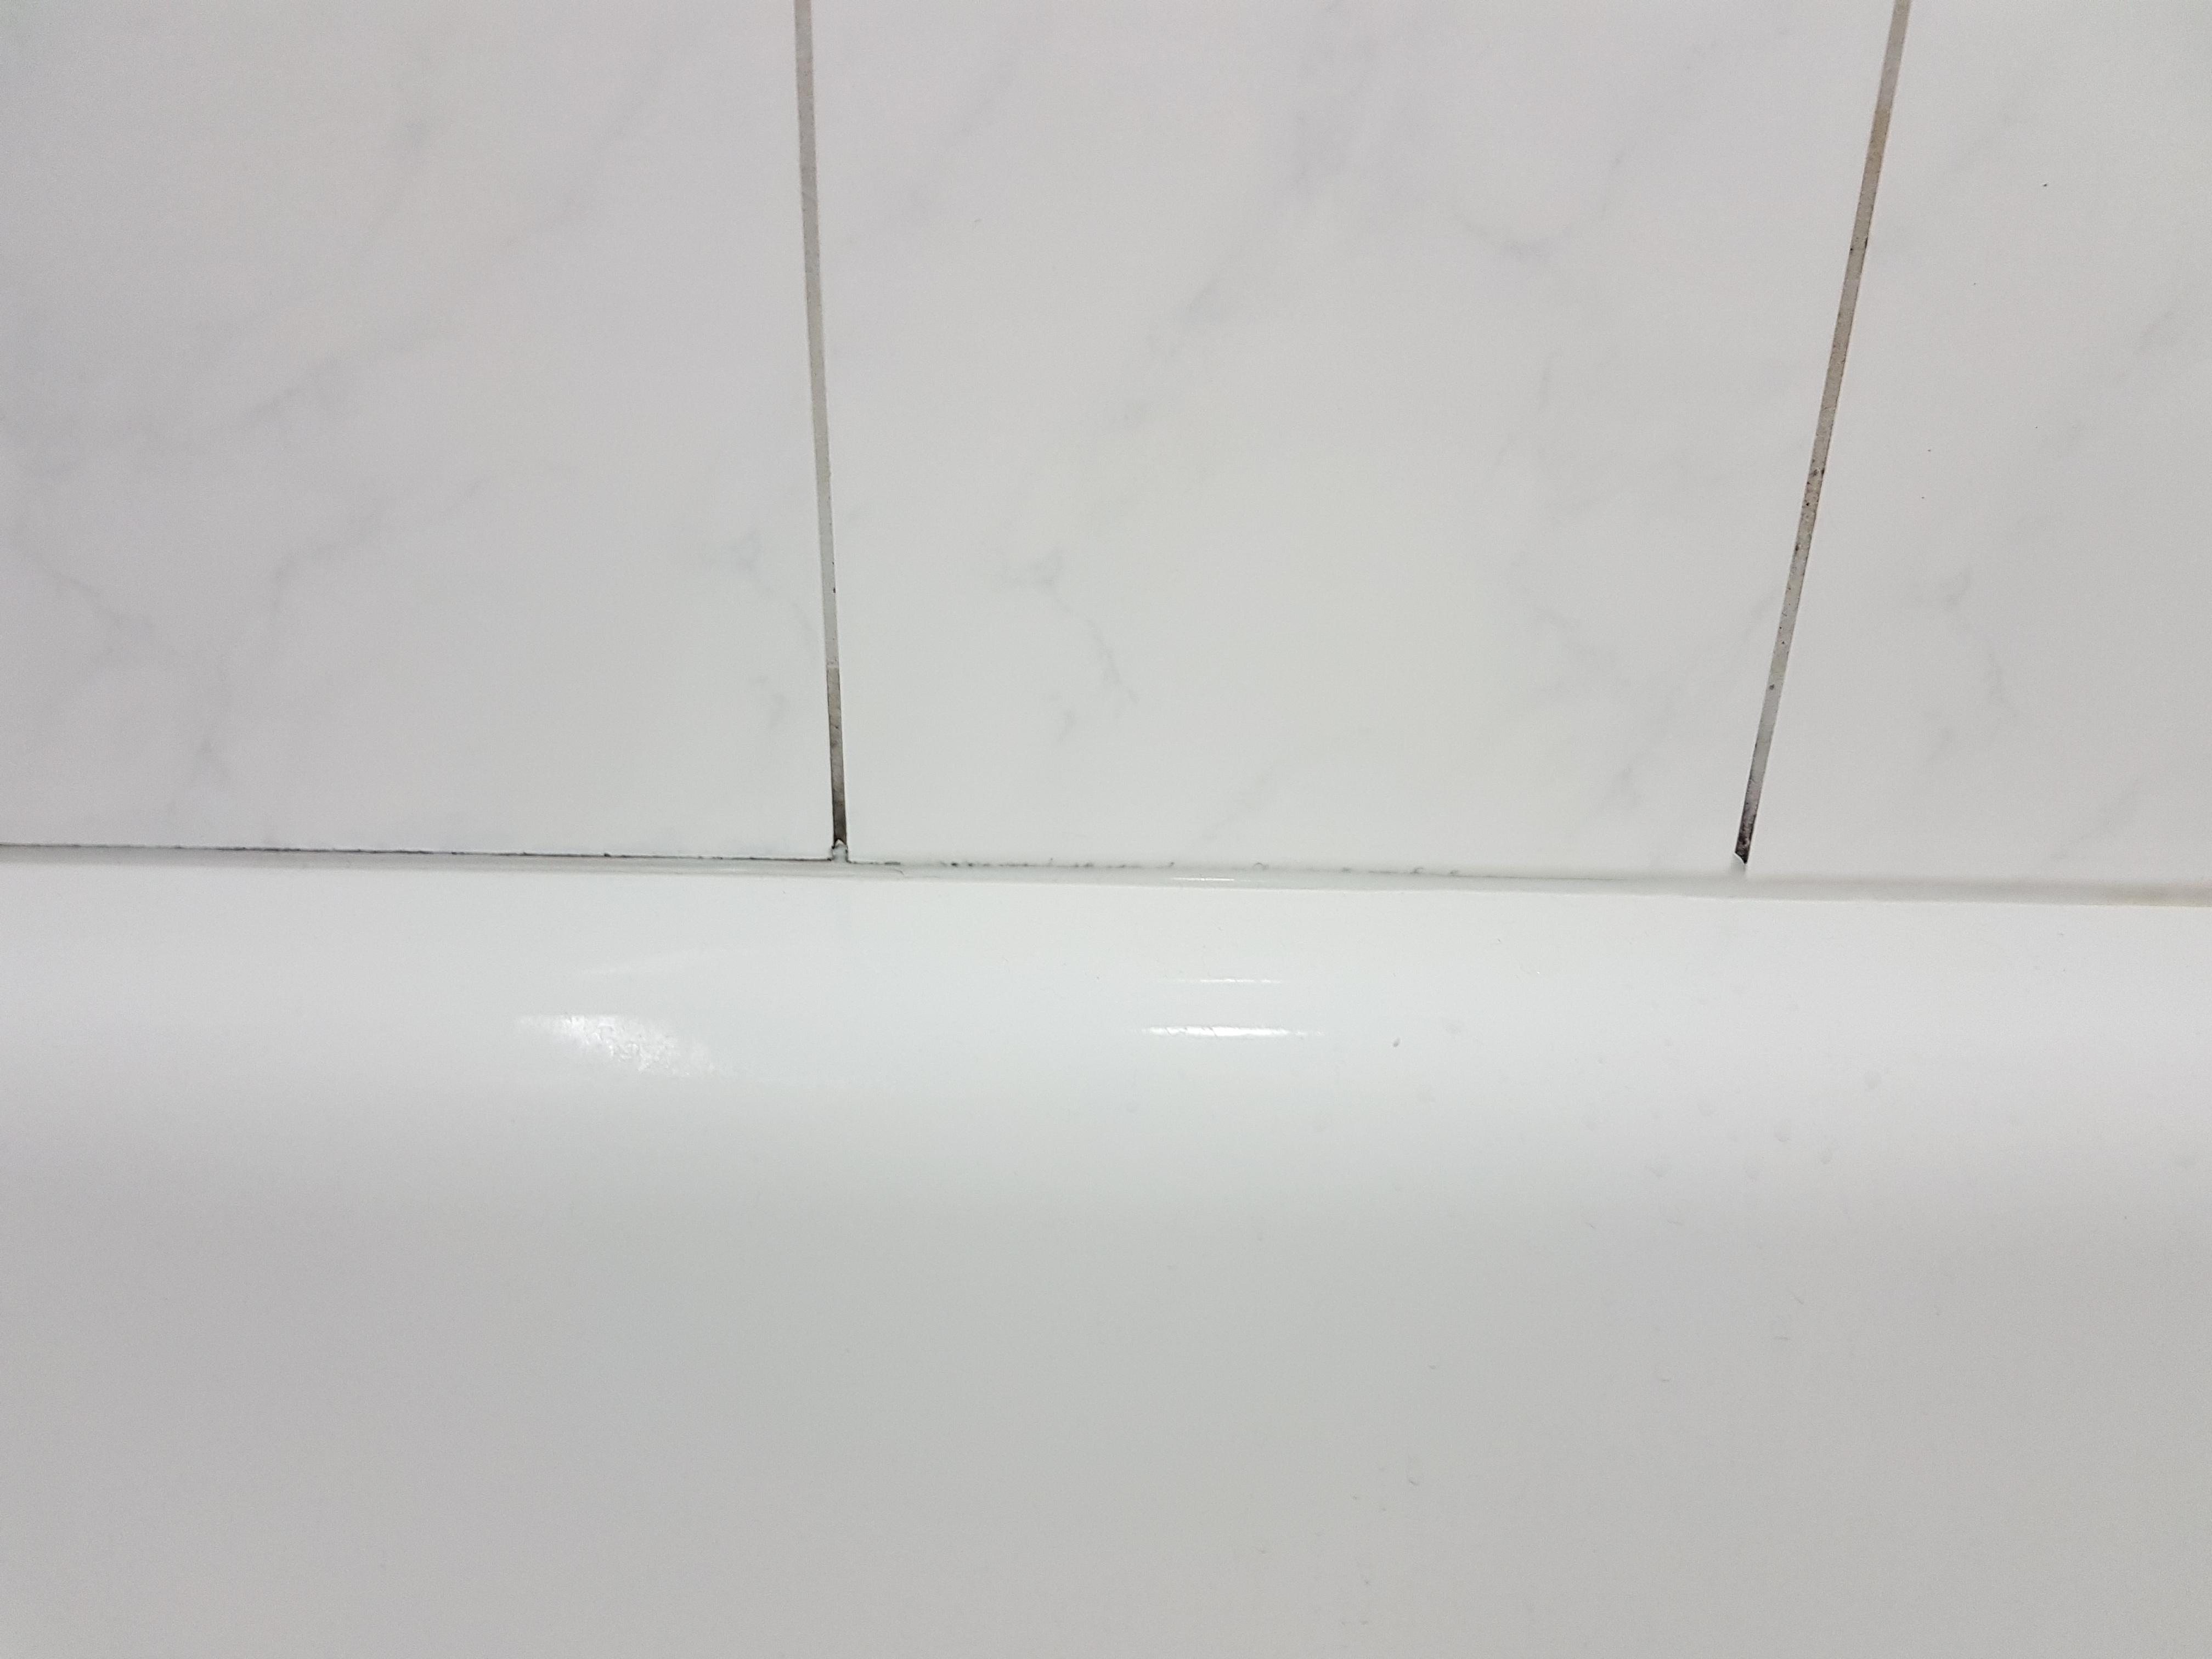 Schimmel im badezimmer wer ist zust ndig wohnung haus miete - Schimmel im badezimmer ...